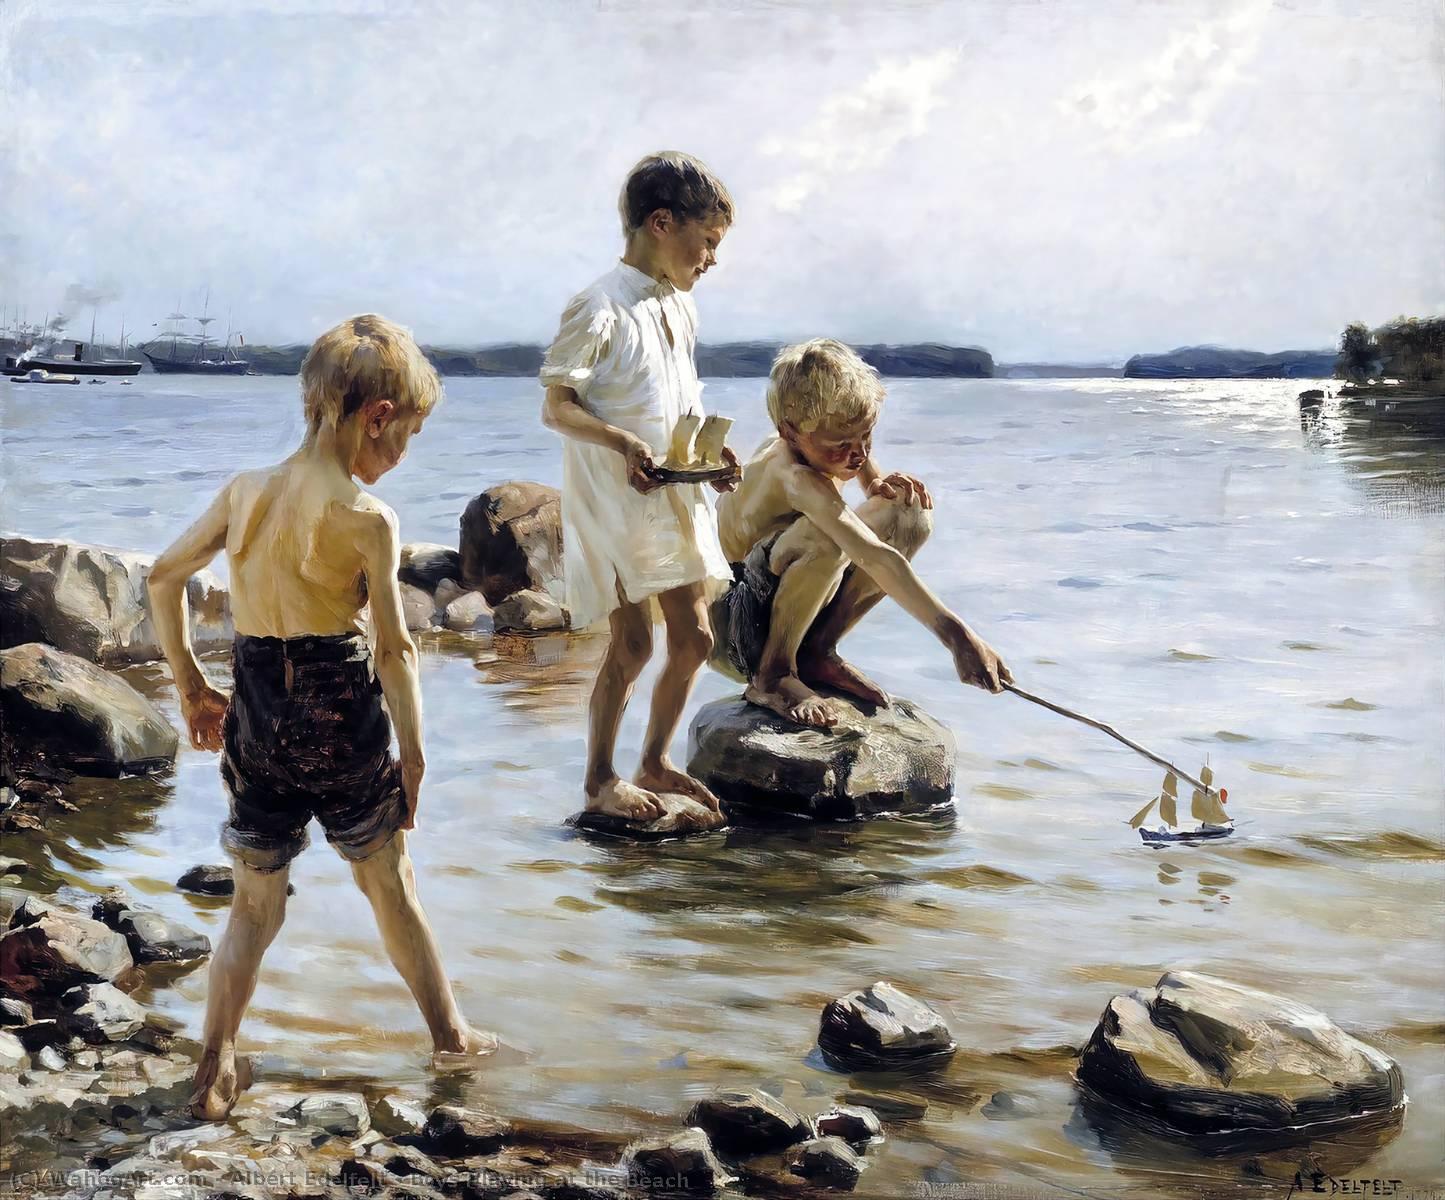 Garçons jouant à la plage, huile de Albert Edelfelt (1854-1905, Finland)